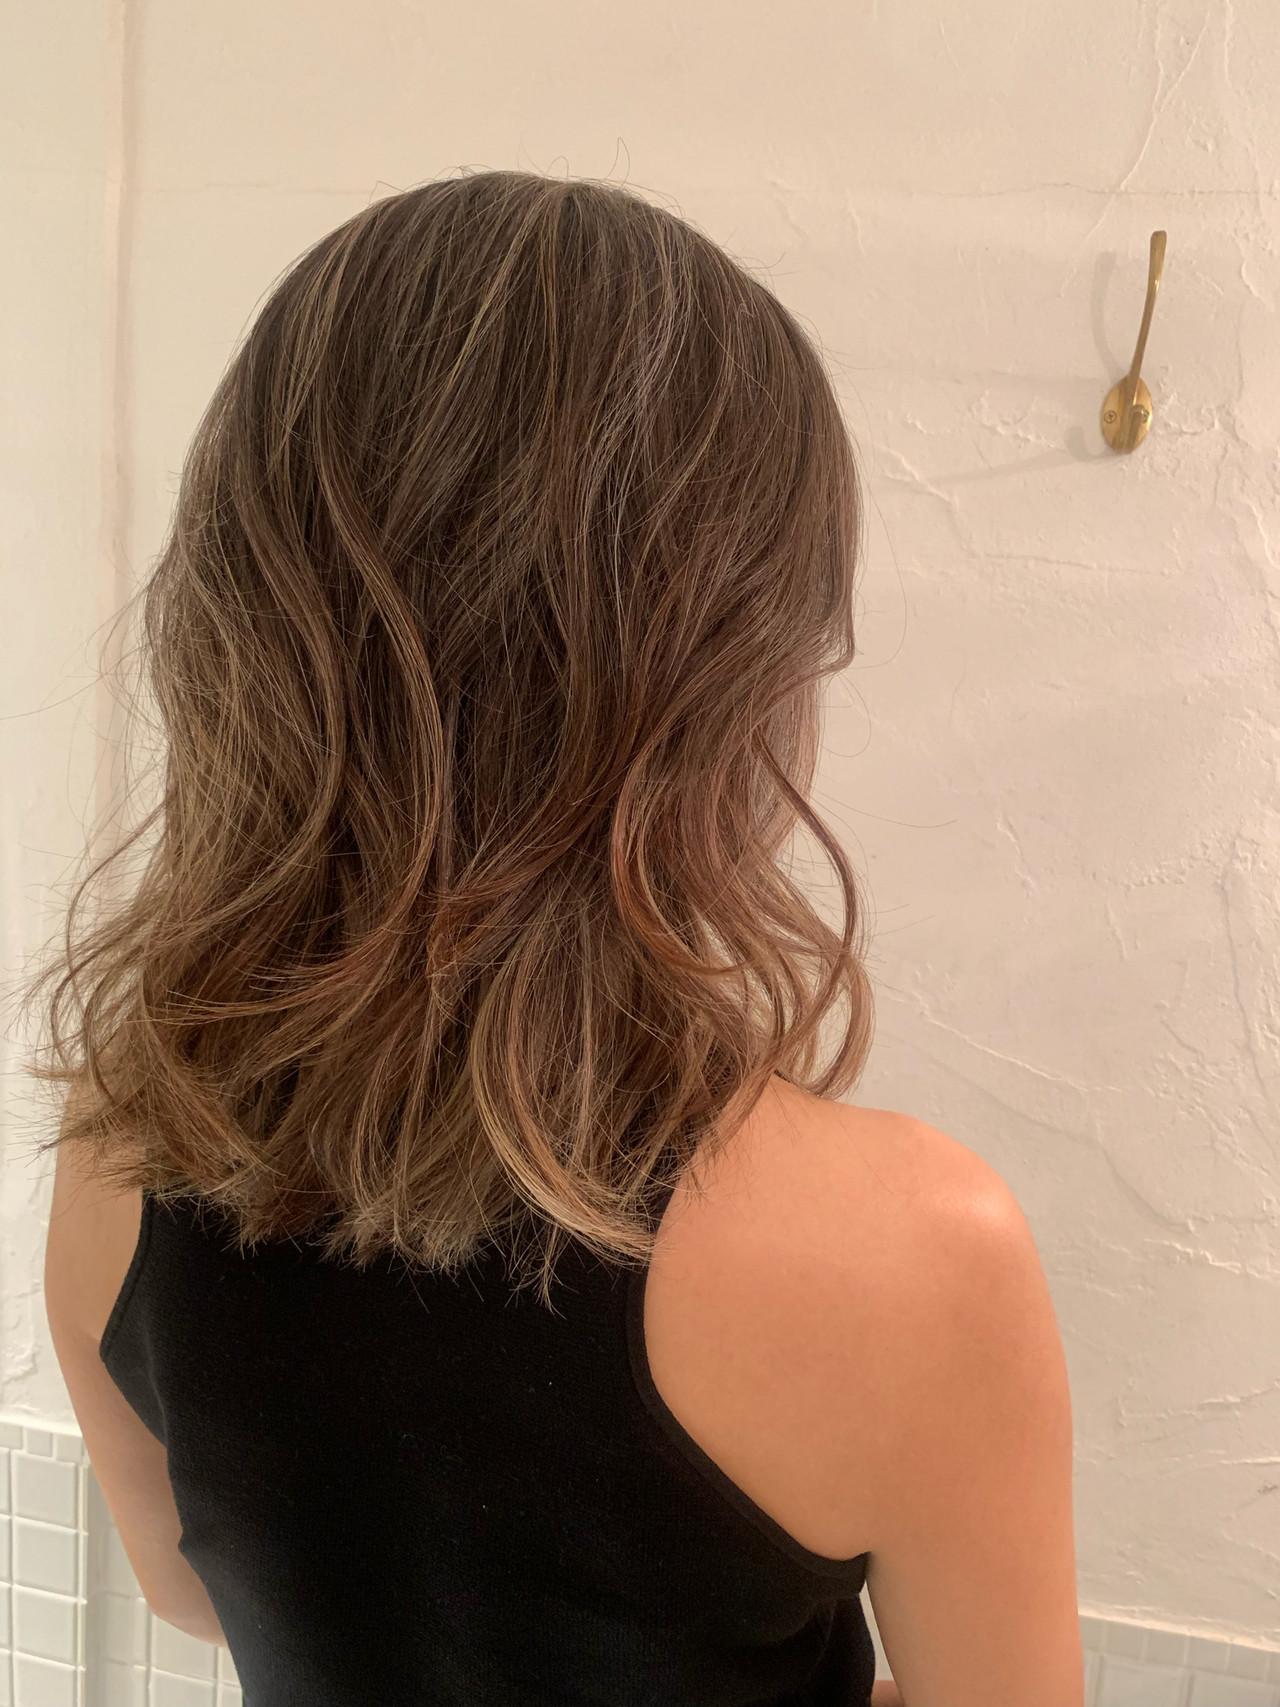 大人ハイライト ヘルシースタイル 外国人風カラー バレイヤージュ ヘアスタイルや髪型の写真・画像   KT / フリー